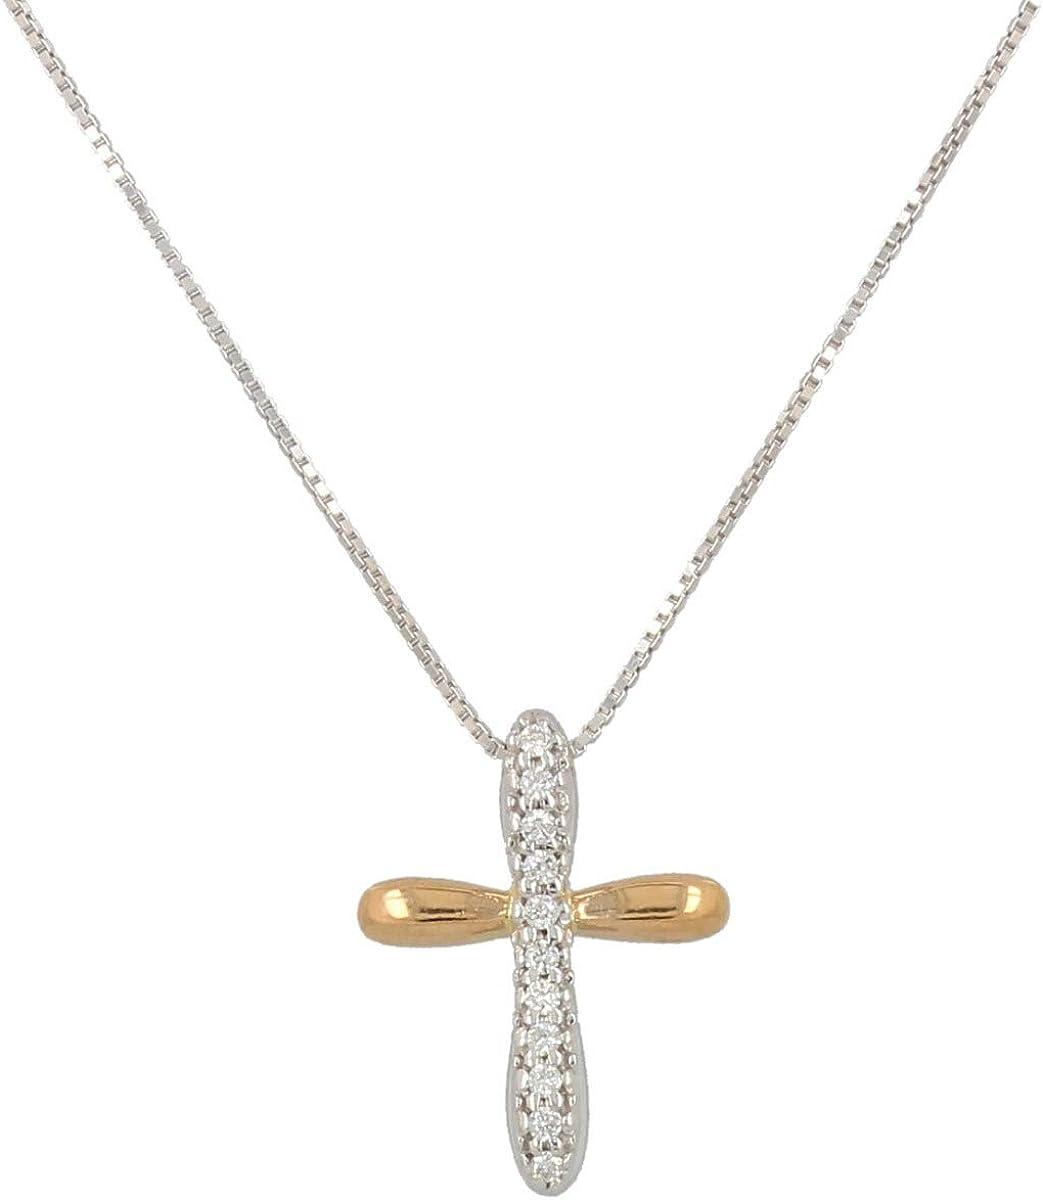 Gioiello Italiano - Collar con cruz en 18kt de oro blanco y rosa y diamantes 0.06ct, color H, pureza SI, 38+3cm, para mujeres